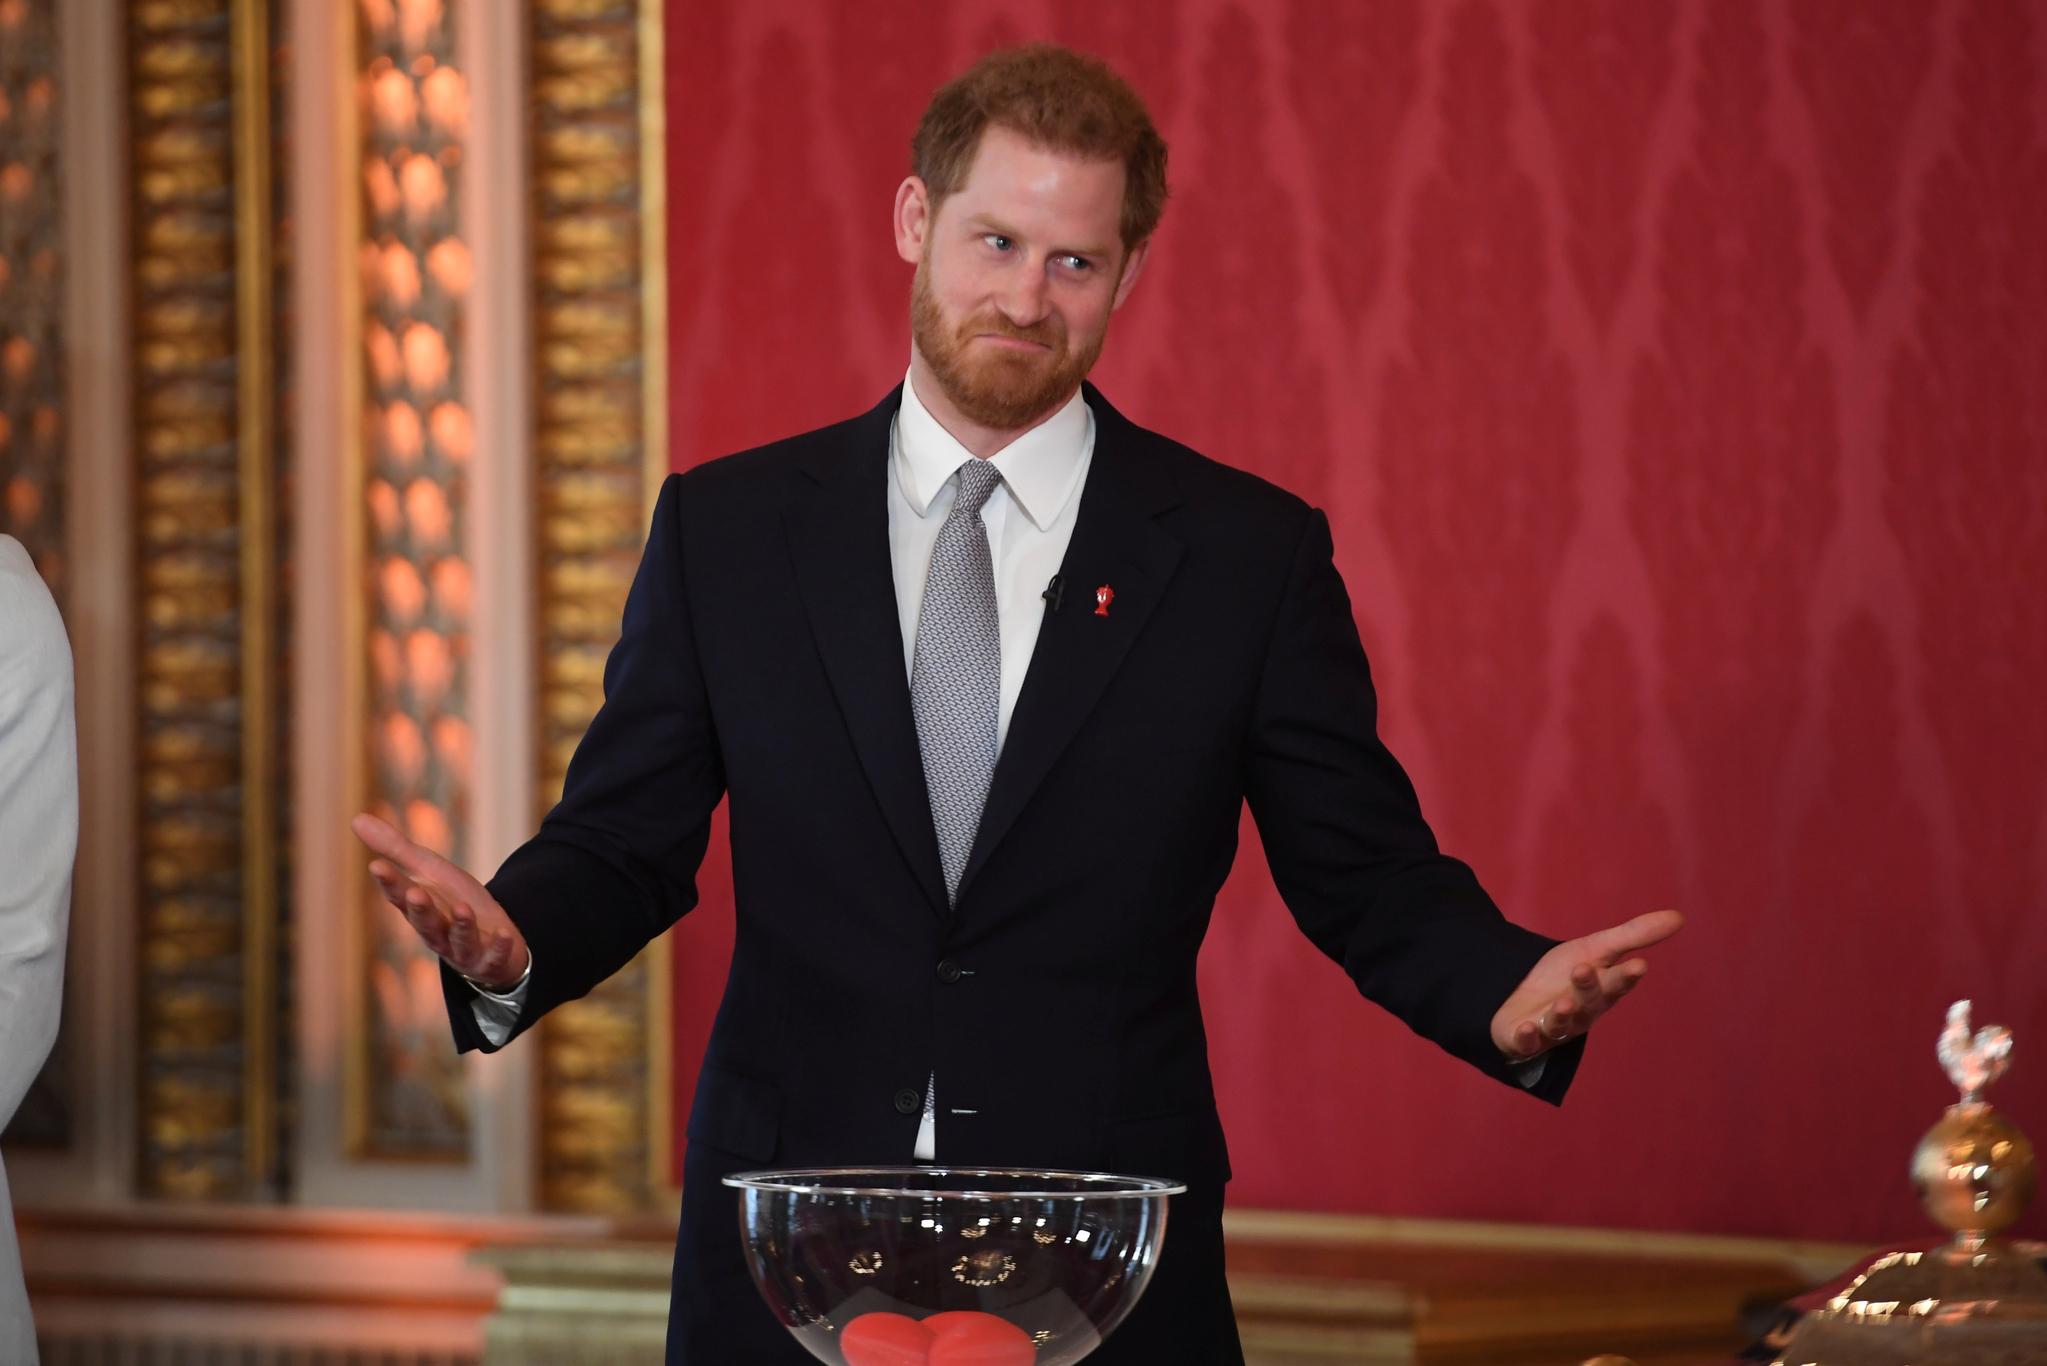 [서소문사진관] 英 해리왕자 멕시트(Megxit) 뒤 첫 공식행사, 미래 질문엔 대답 없이 웃음만